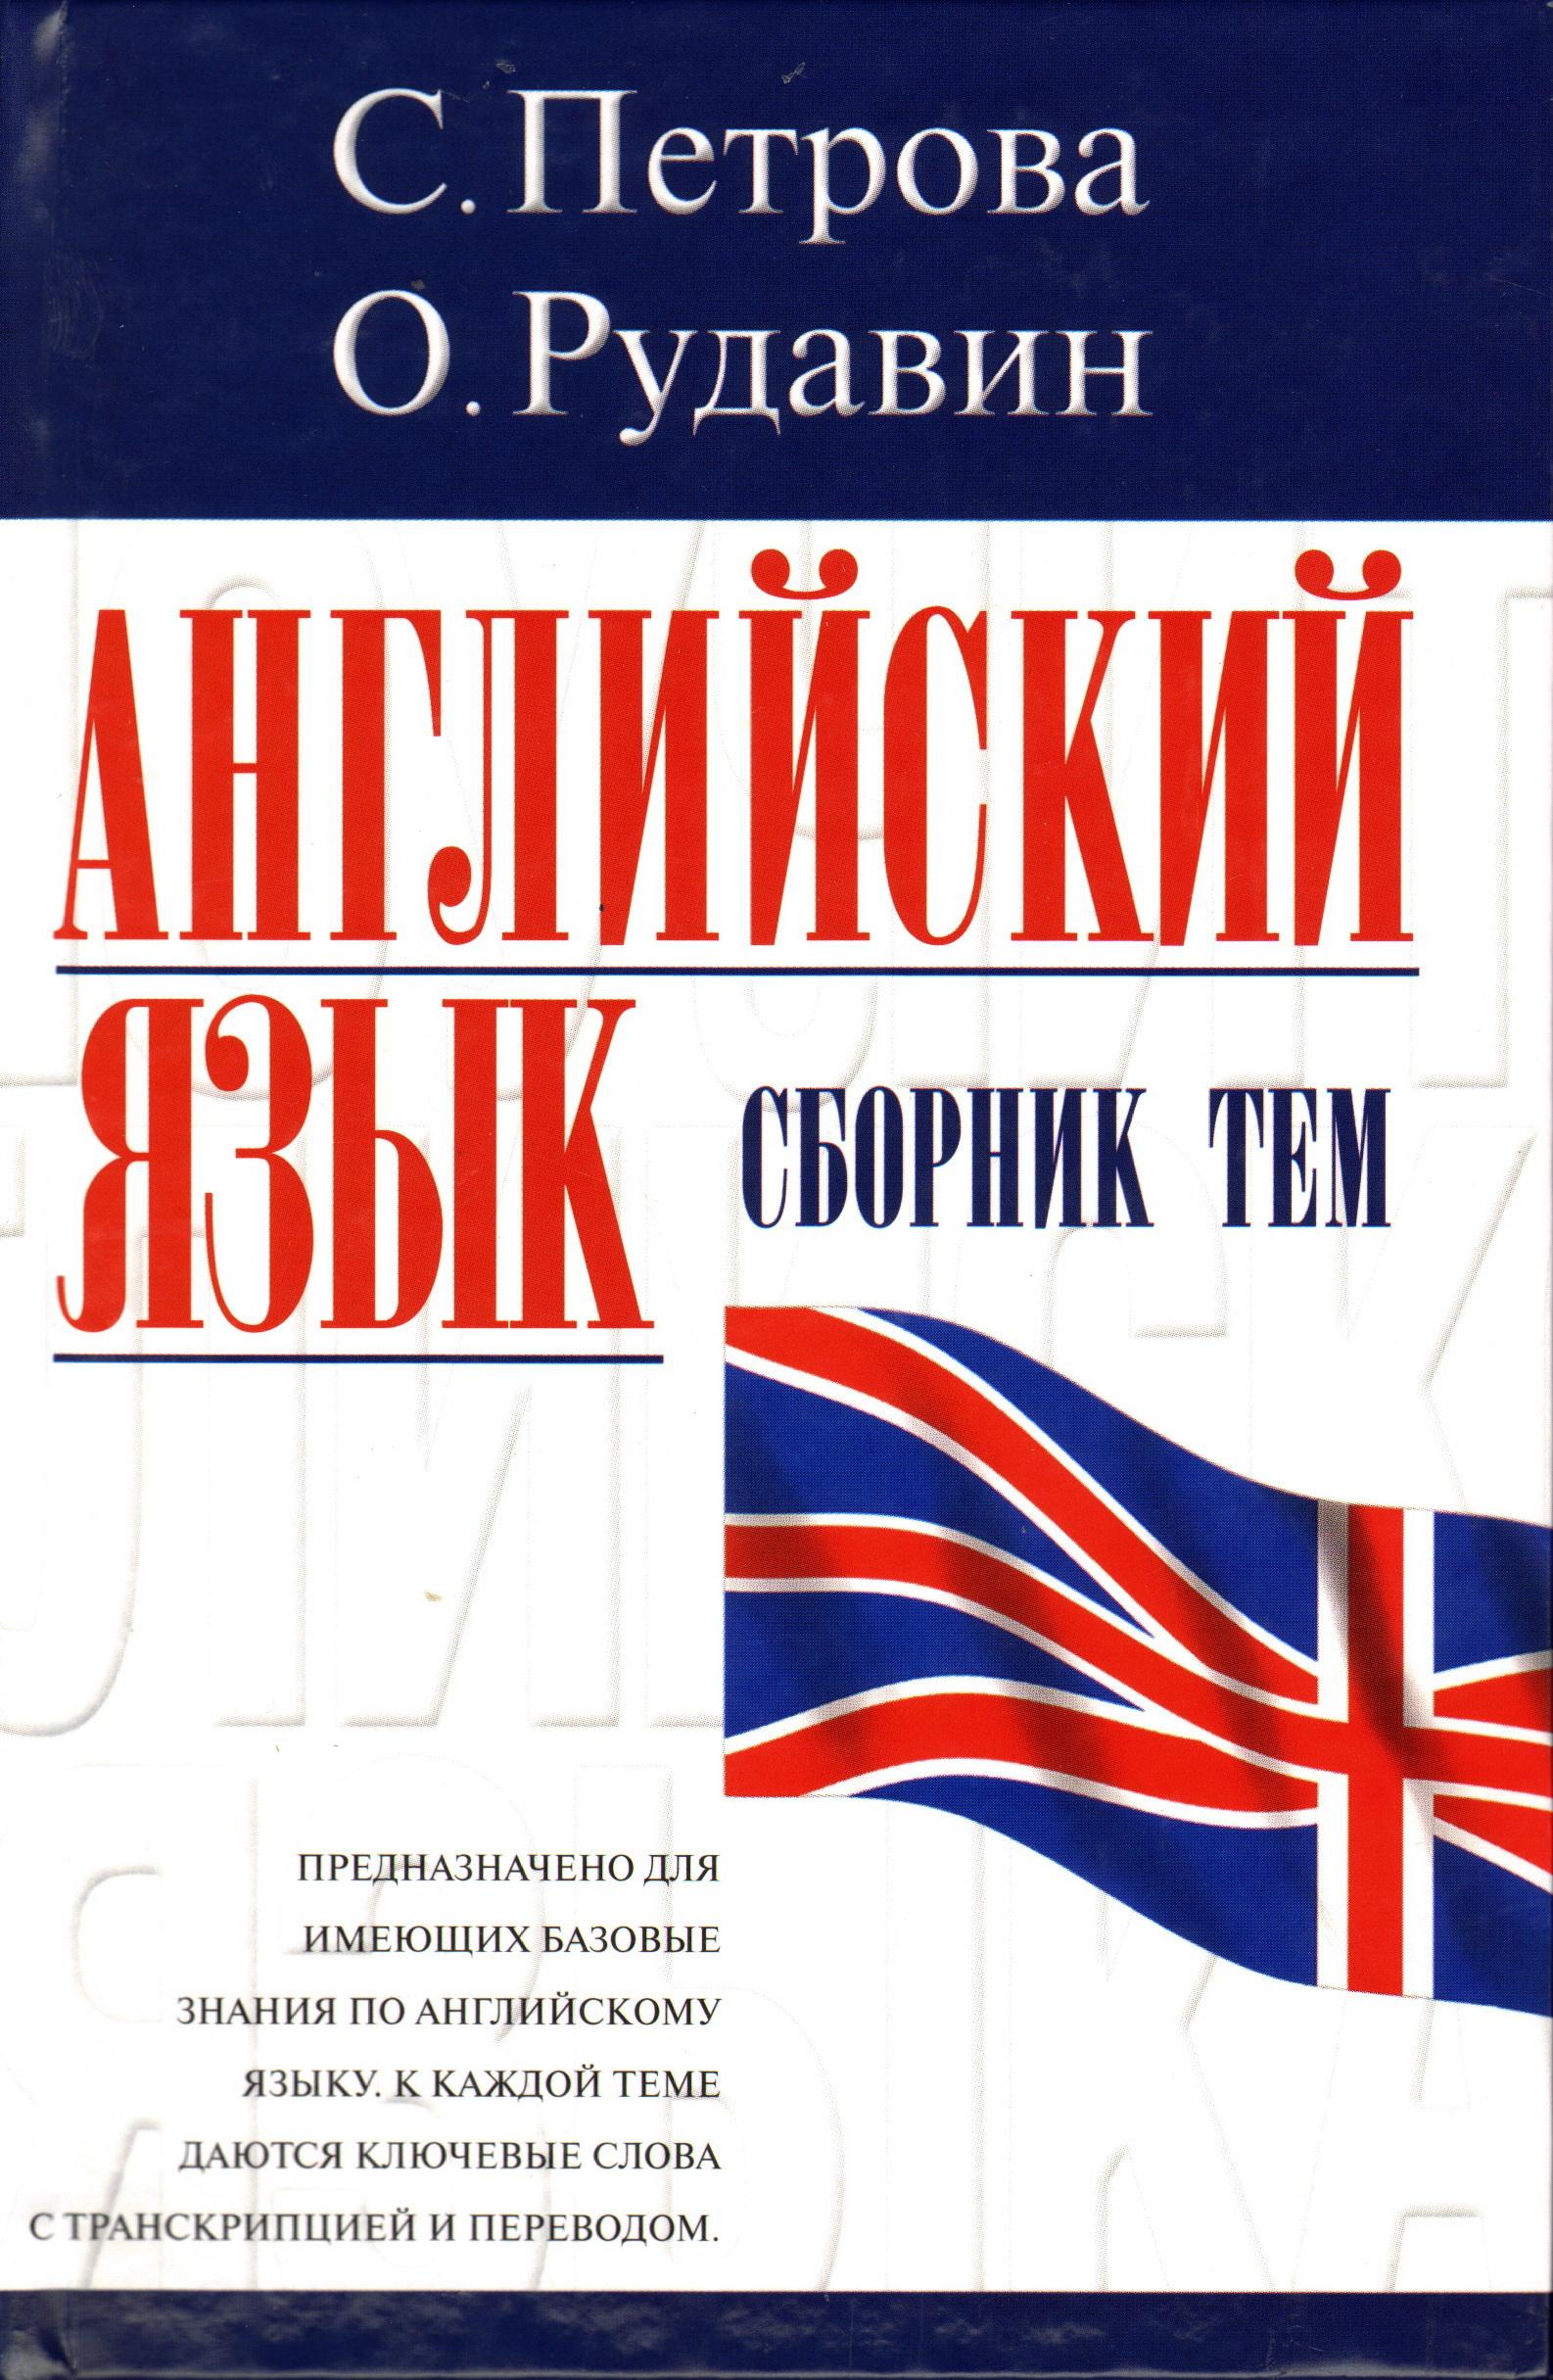 Москва клуб английский язык клуб либерти в москве